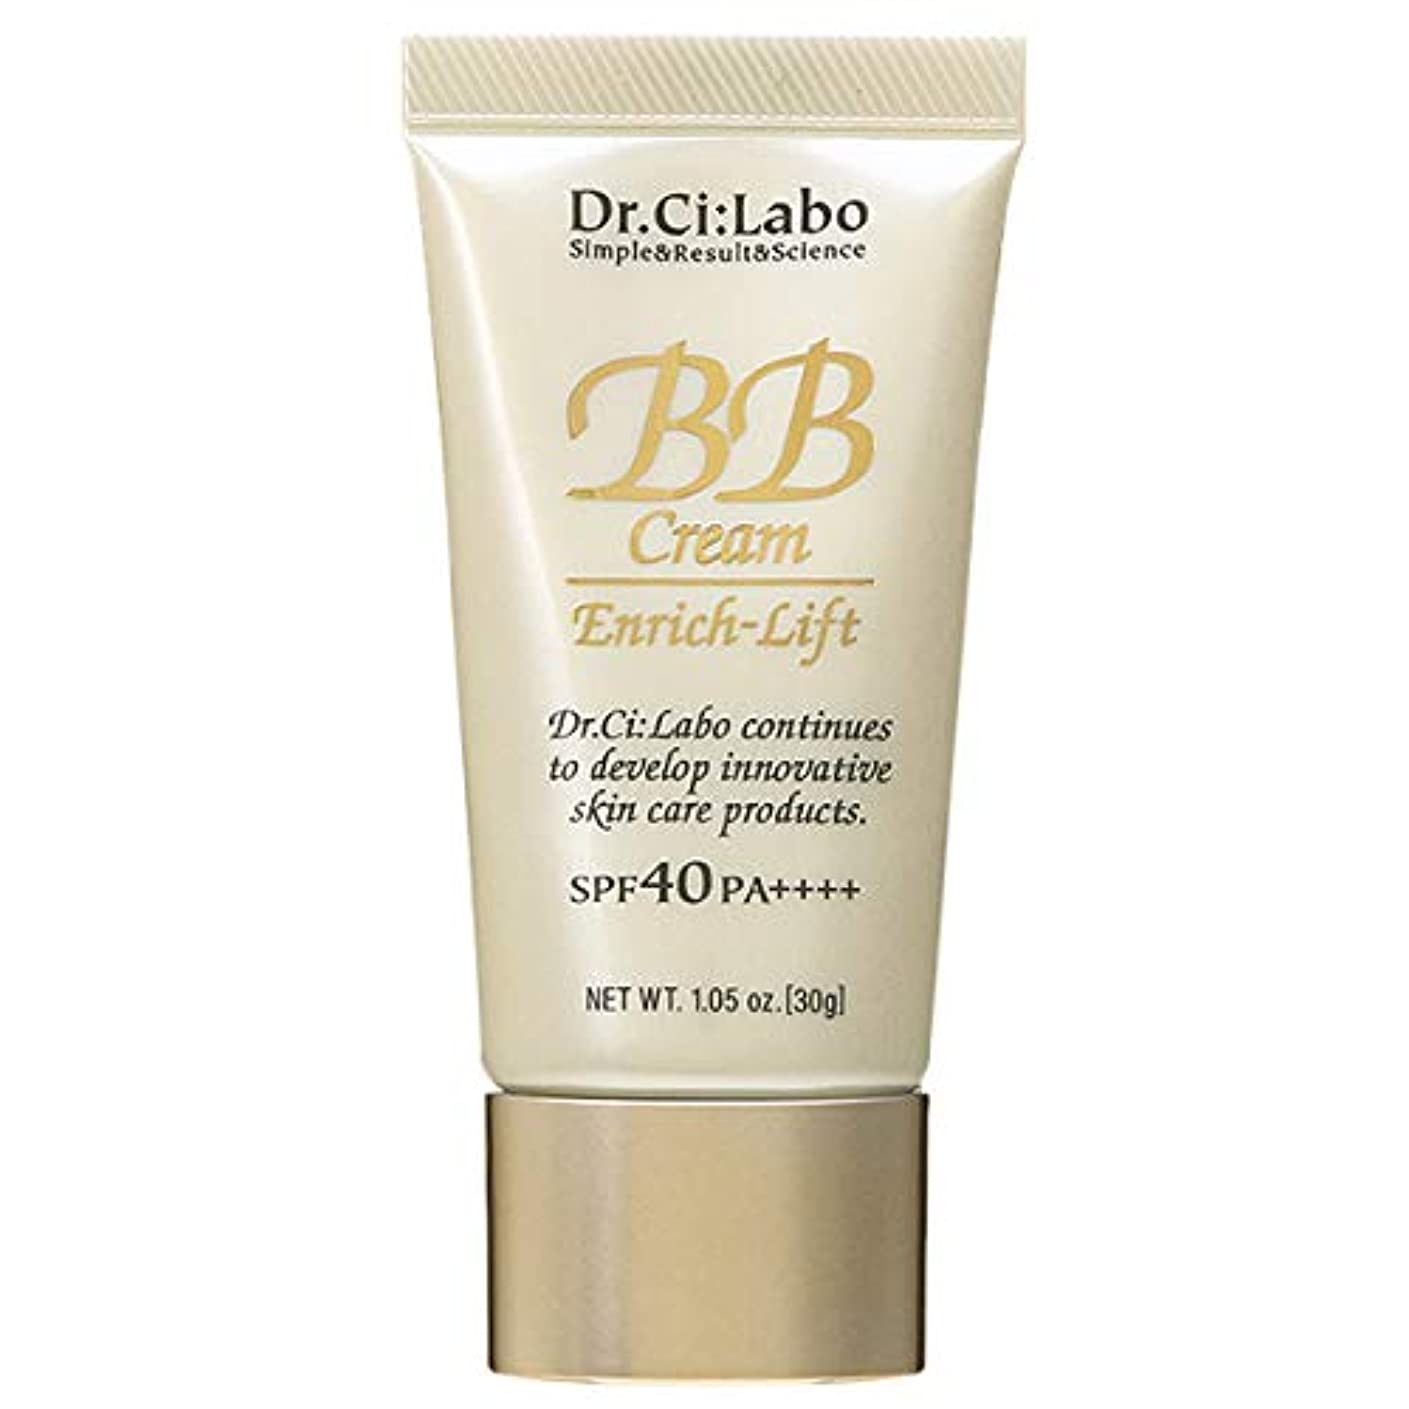 贅沢な立ち寄るミントドクターシーラボ Dr.Ci:Labo BBクリーム エンリッチリフトLN18 SPF40 PA++++ 30g